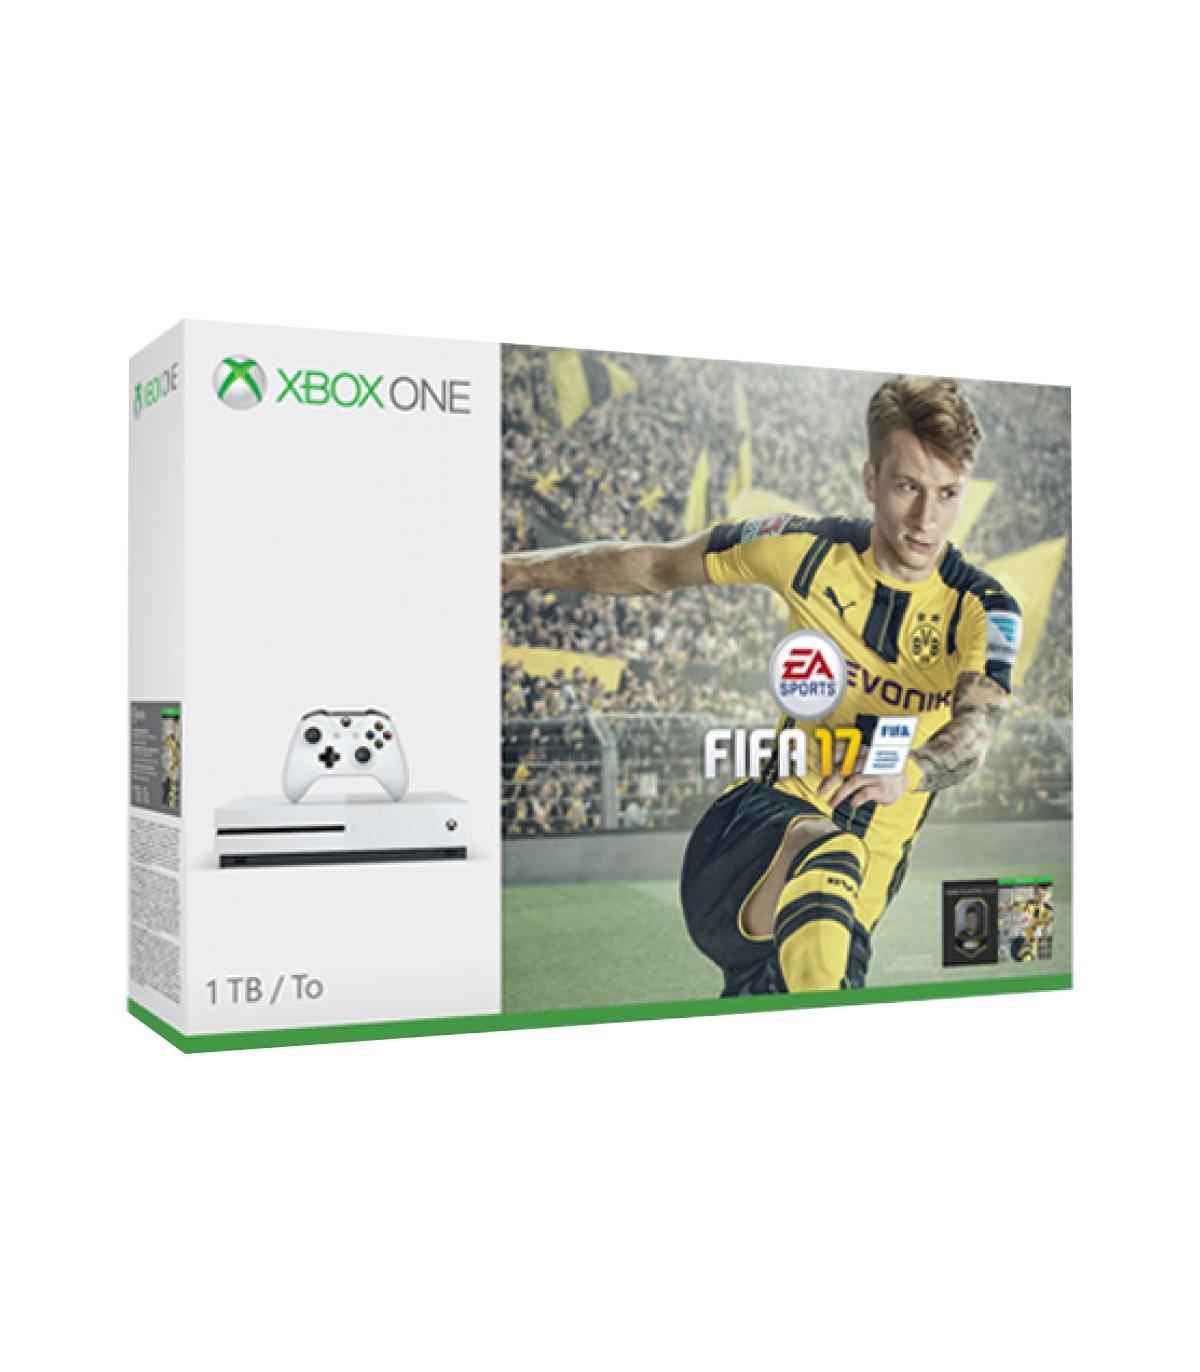 کنسول Xbox One S  باندل FIFA17 ظرفیت 1TB